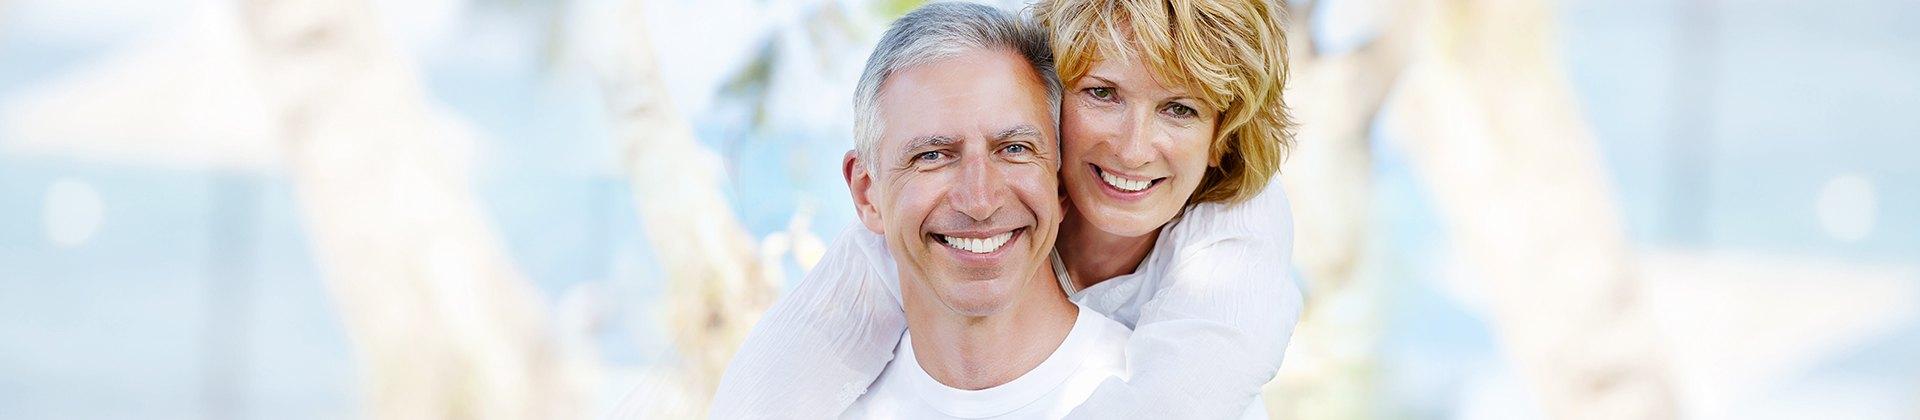 Nunca é tarde, então volte a sorrir. - Clínica especializada em prótese fixa, removível e implante dentário.